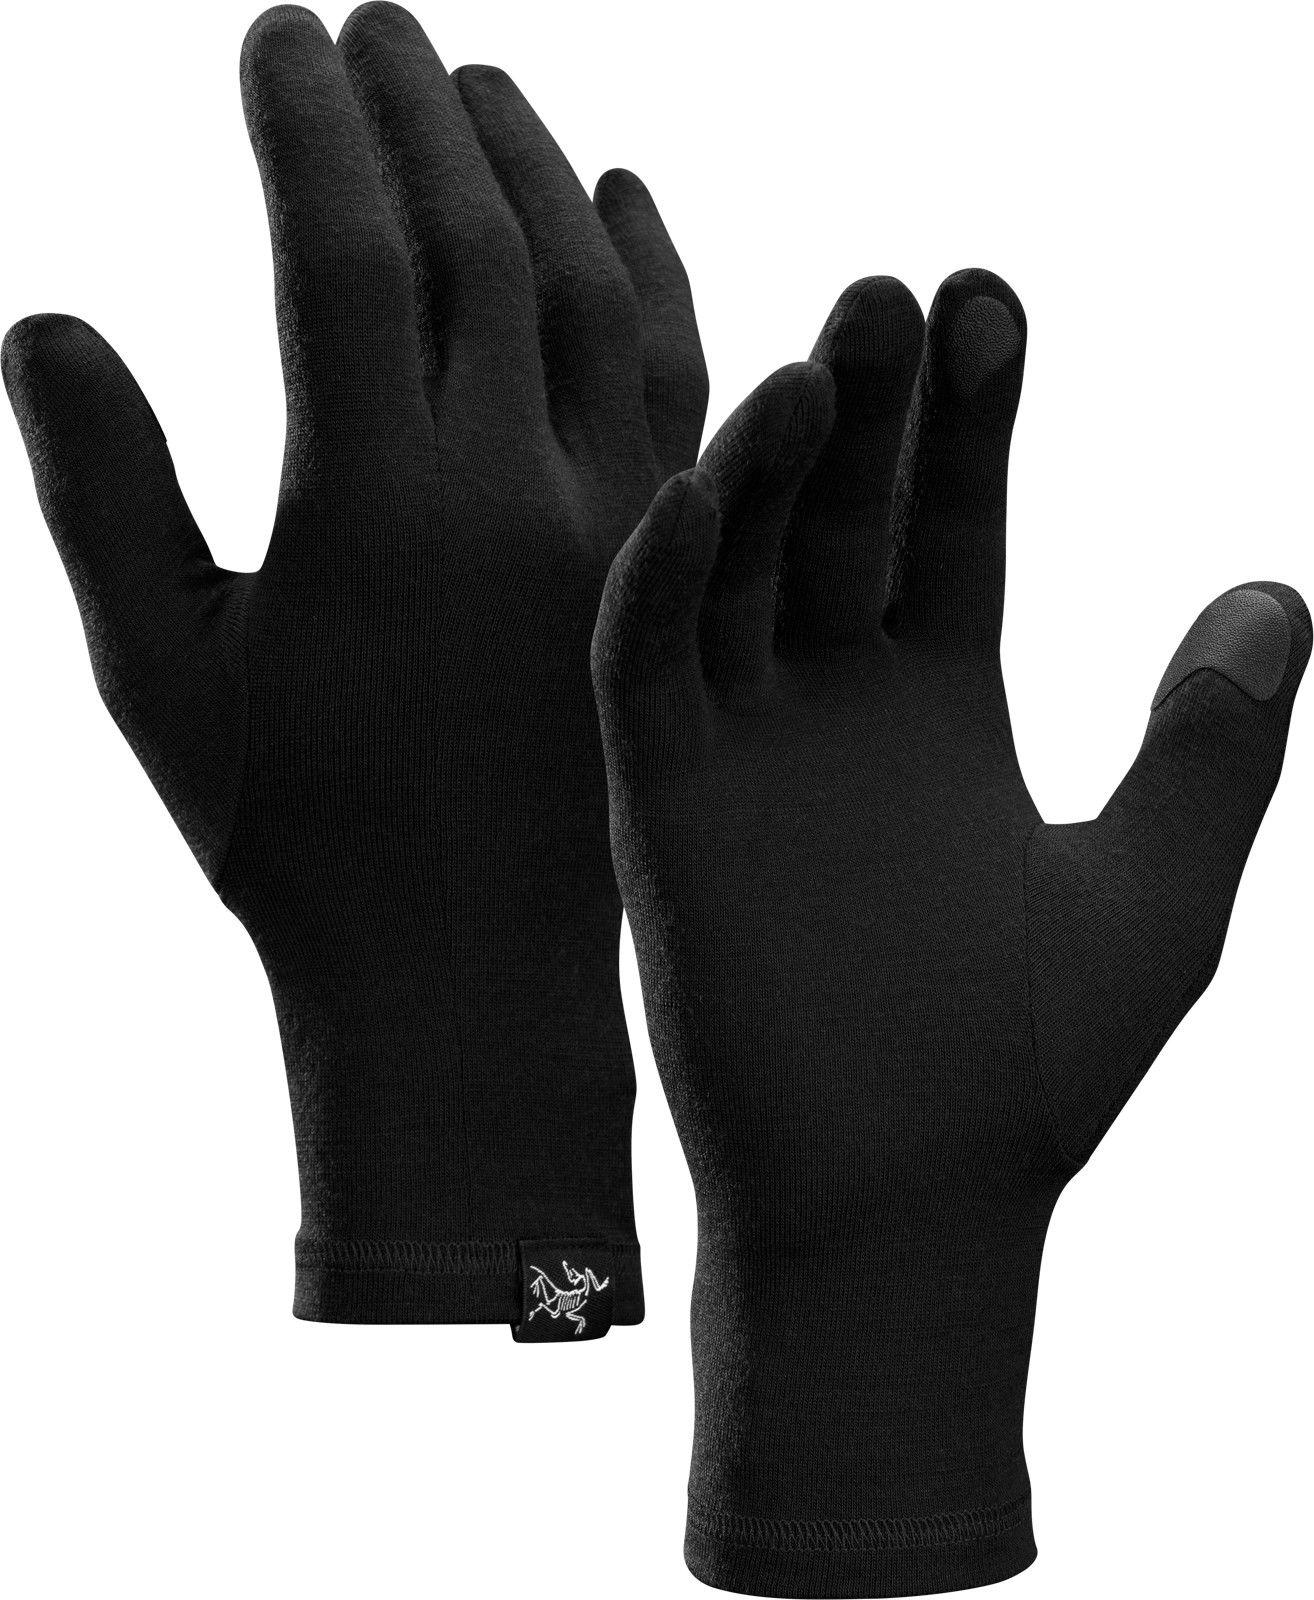 Arcteryx Gothic Glove   Größe XL    Fingerhandschuh